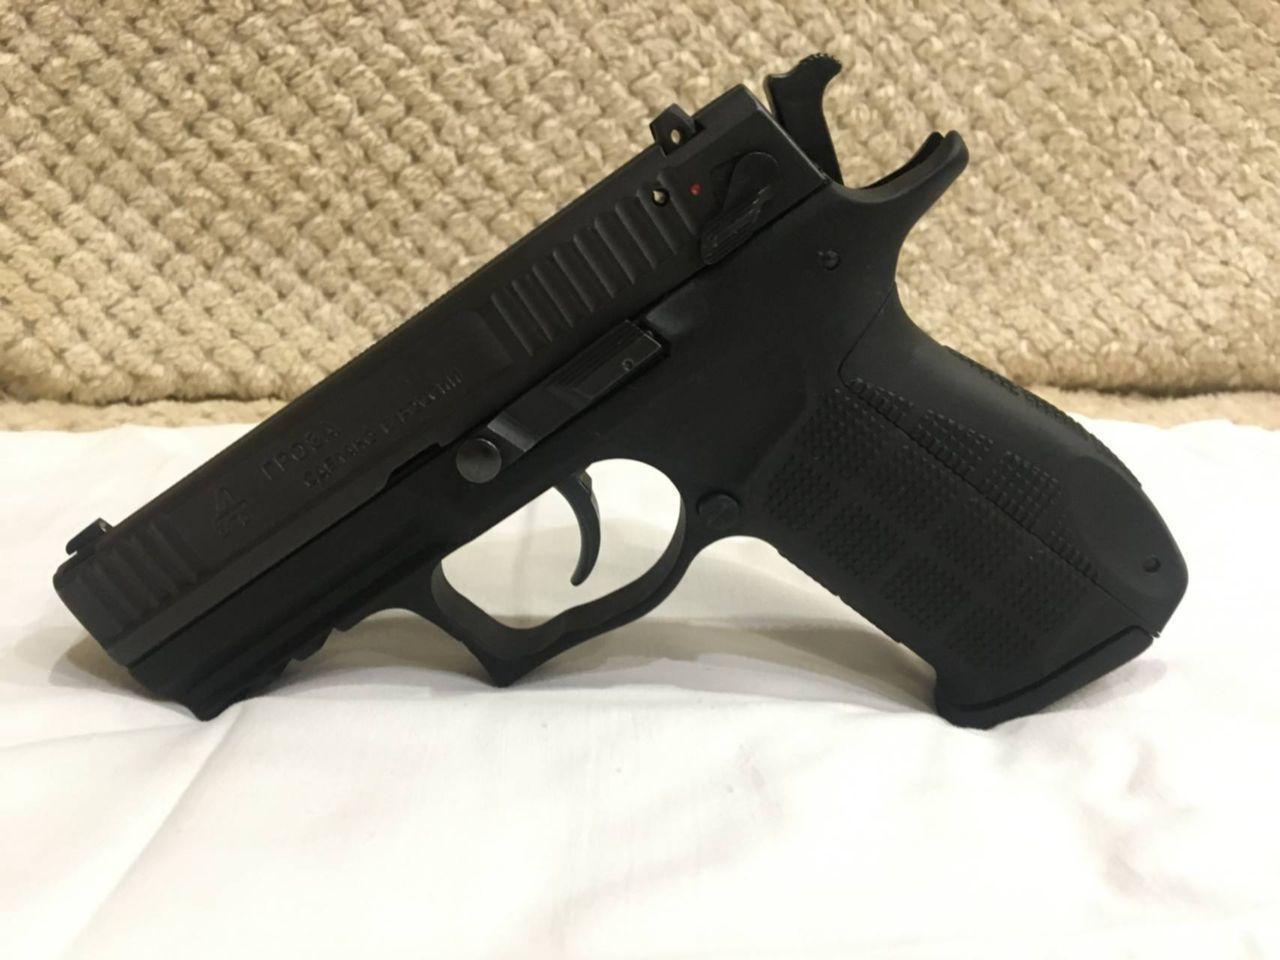 Травматические пистолеты и револьверы Гроза: описание, модели и характеристики